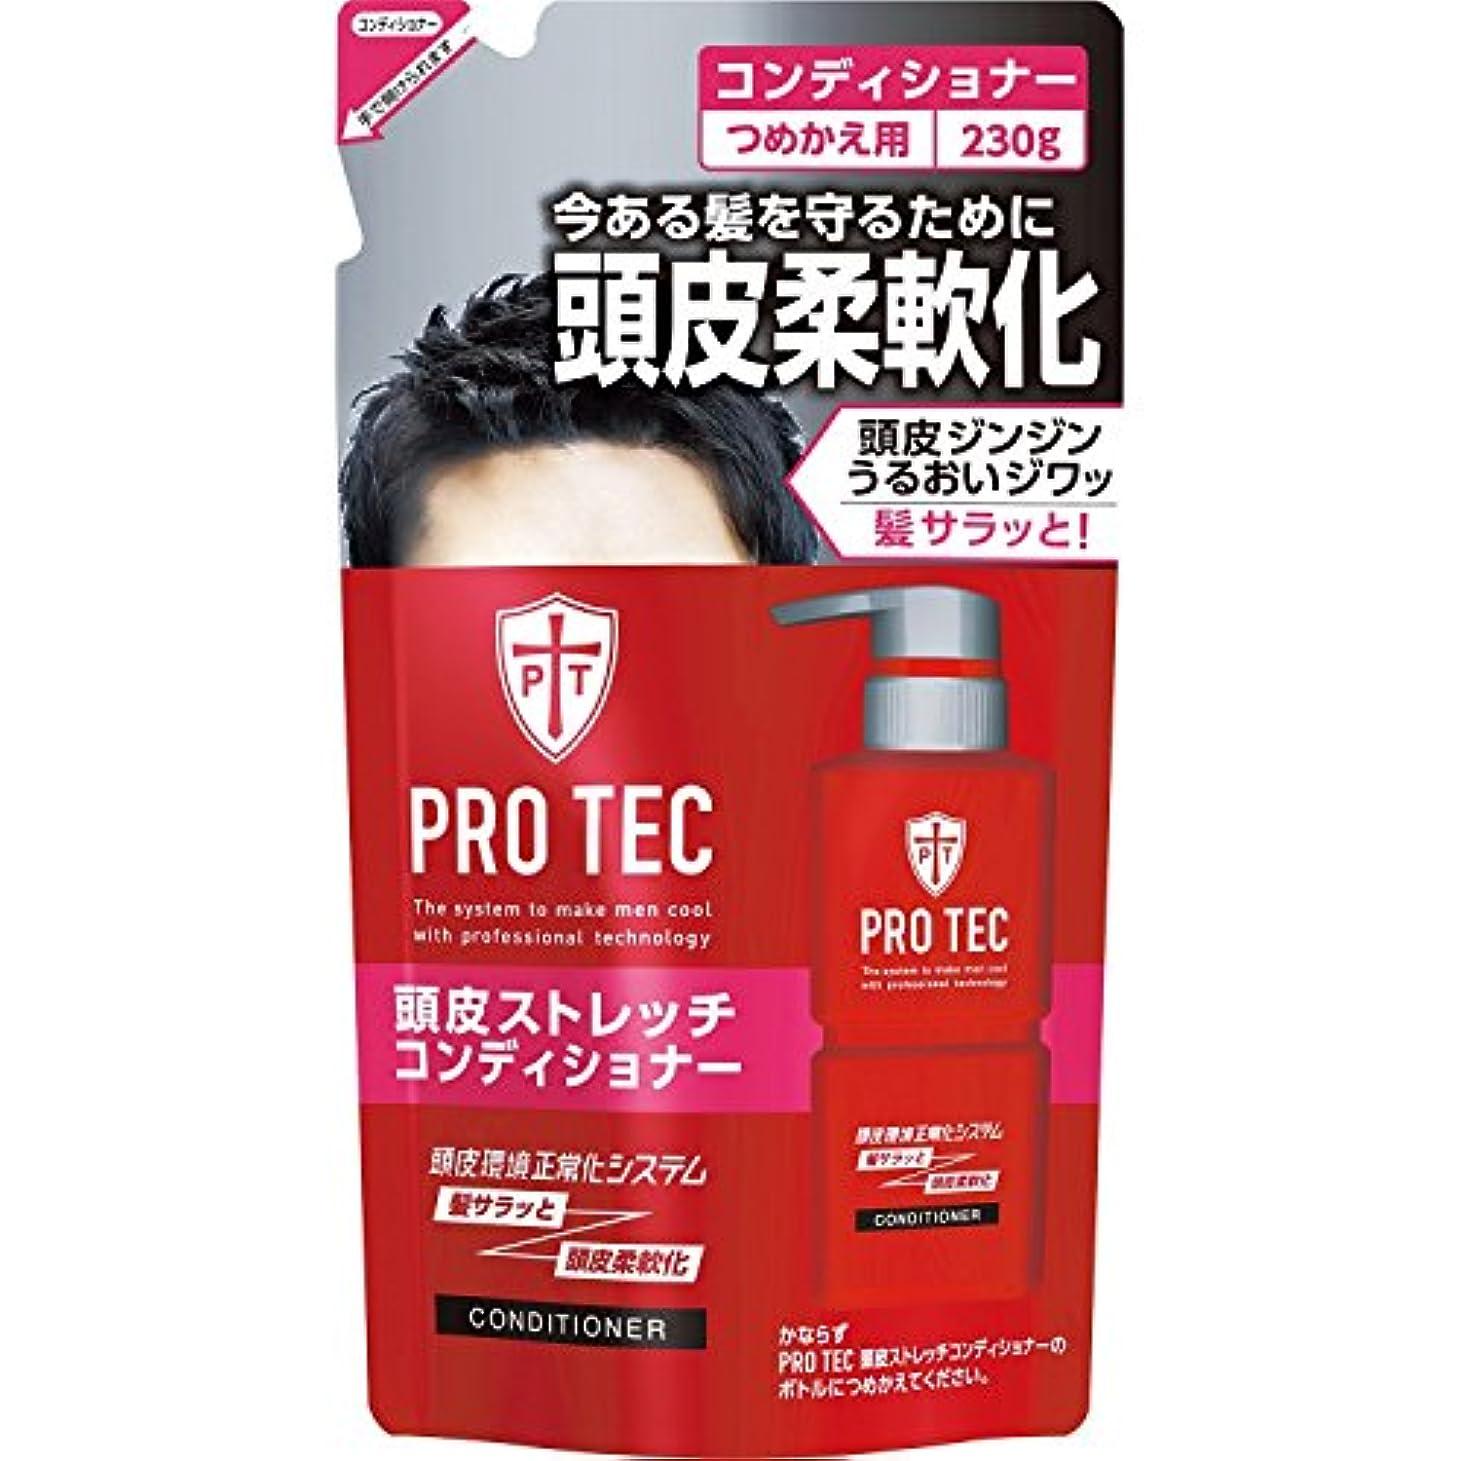 戦略ピカリングどのくらいの頻度でPRO TEC(プロテク) 頭皮ストレッチコンディショナー つめかえ用 230g ×10個セット